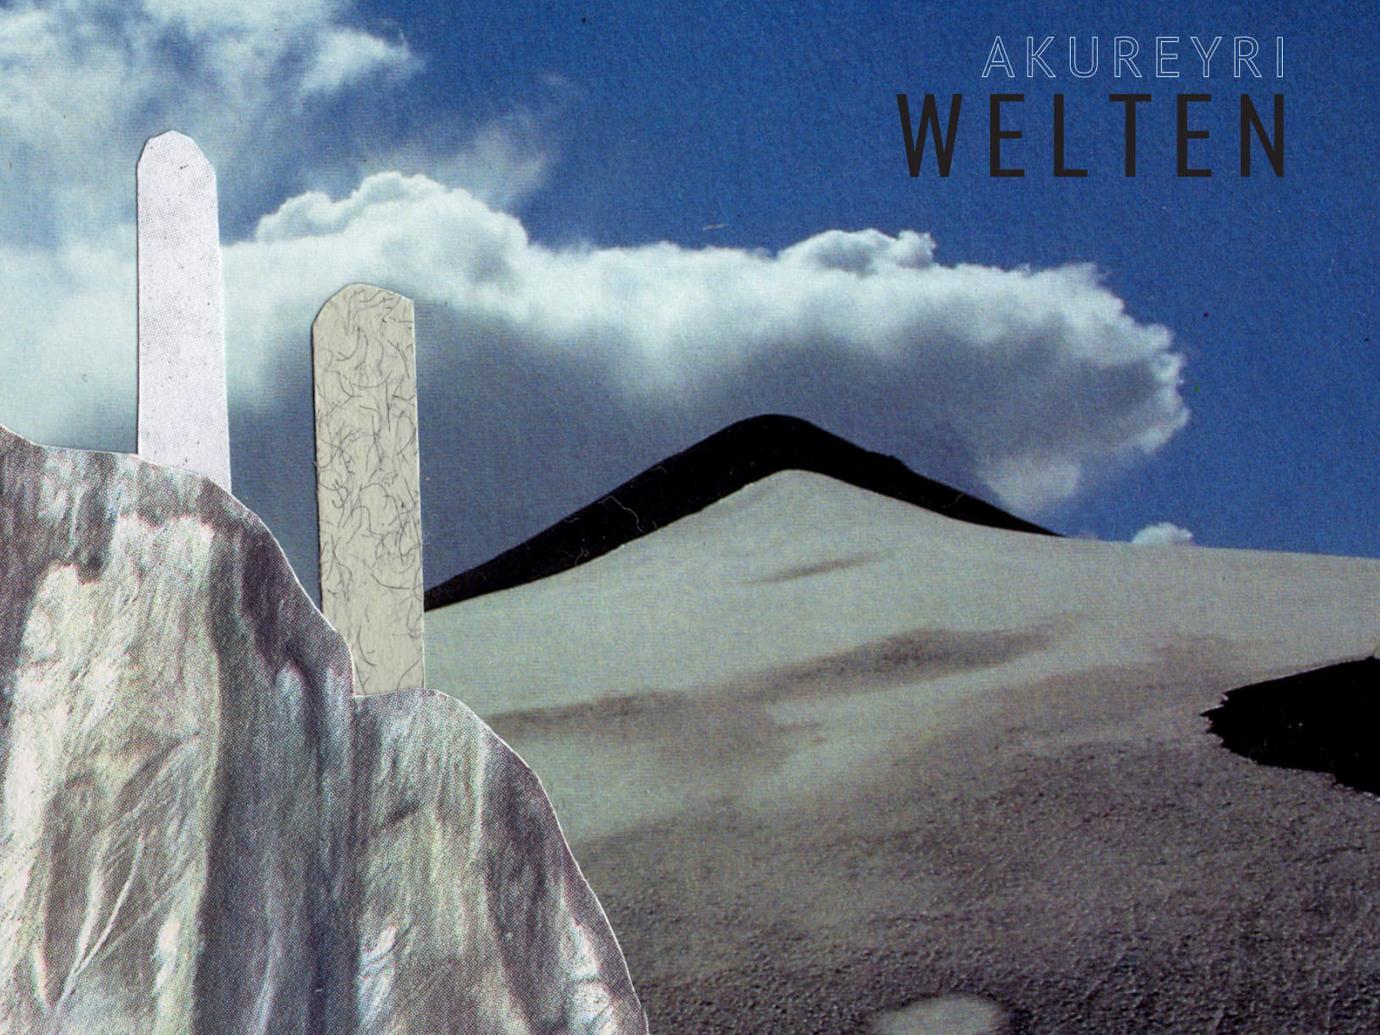 Album der Woche: Welten – Akureyri